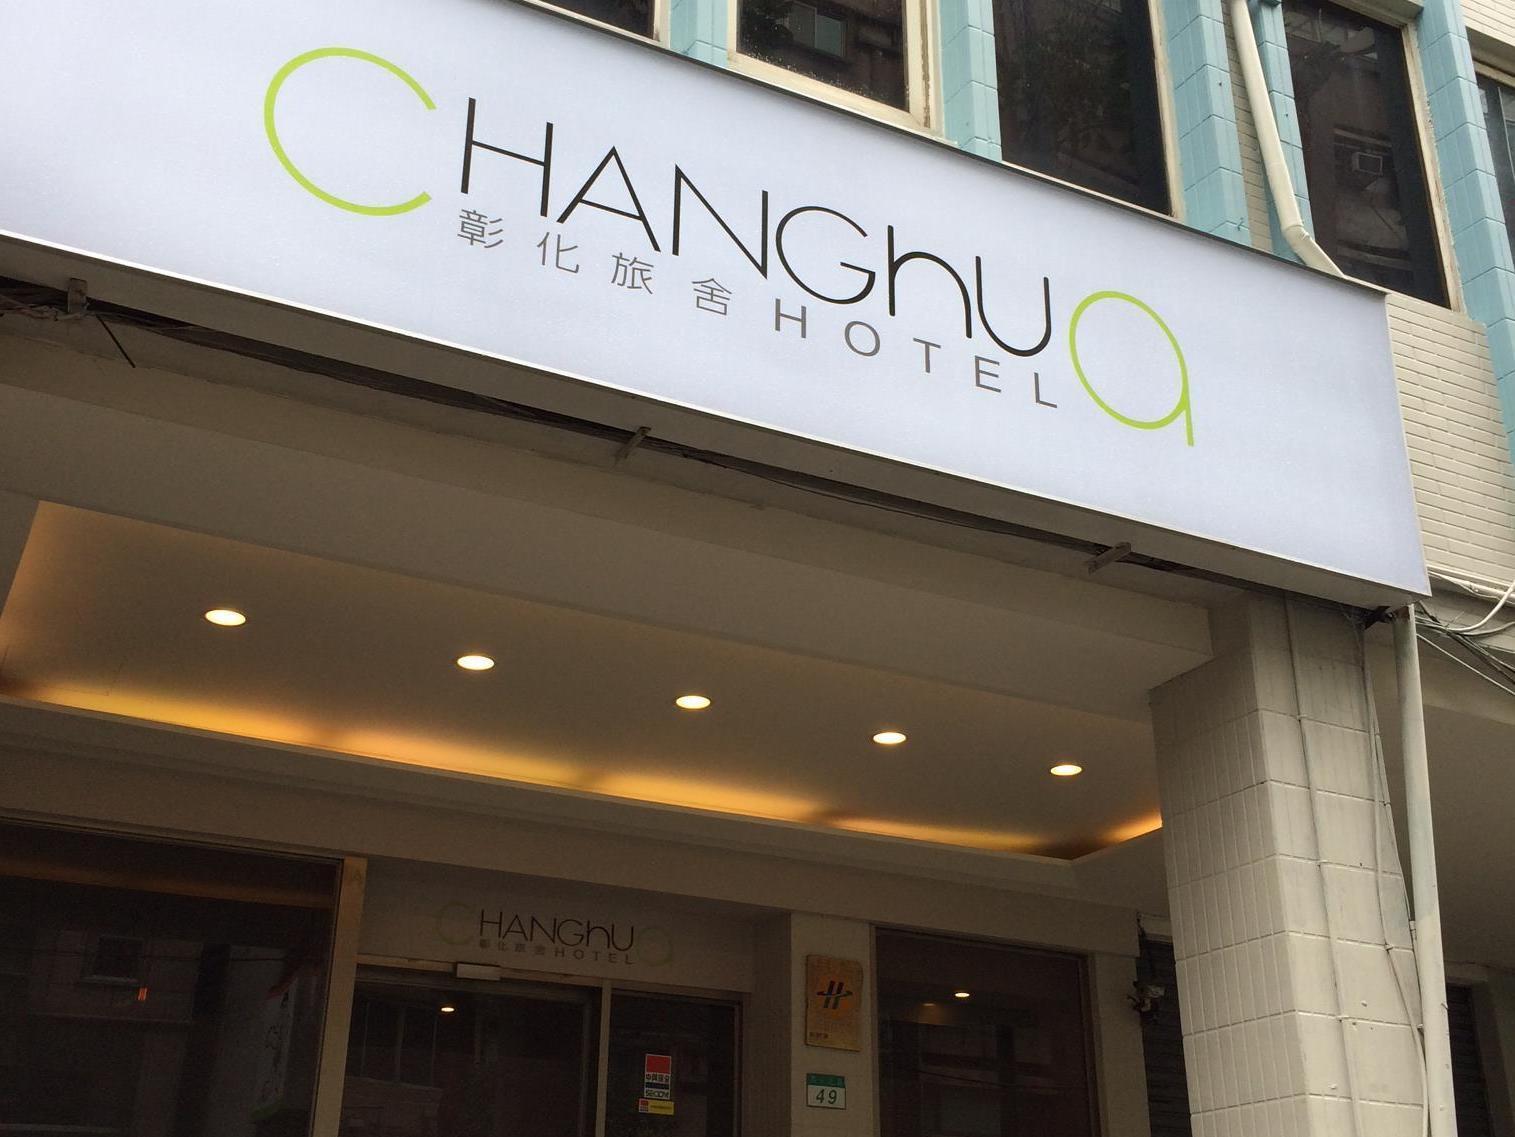 彰化旅舍 Changhua Hotel